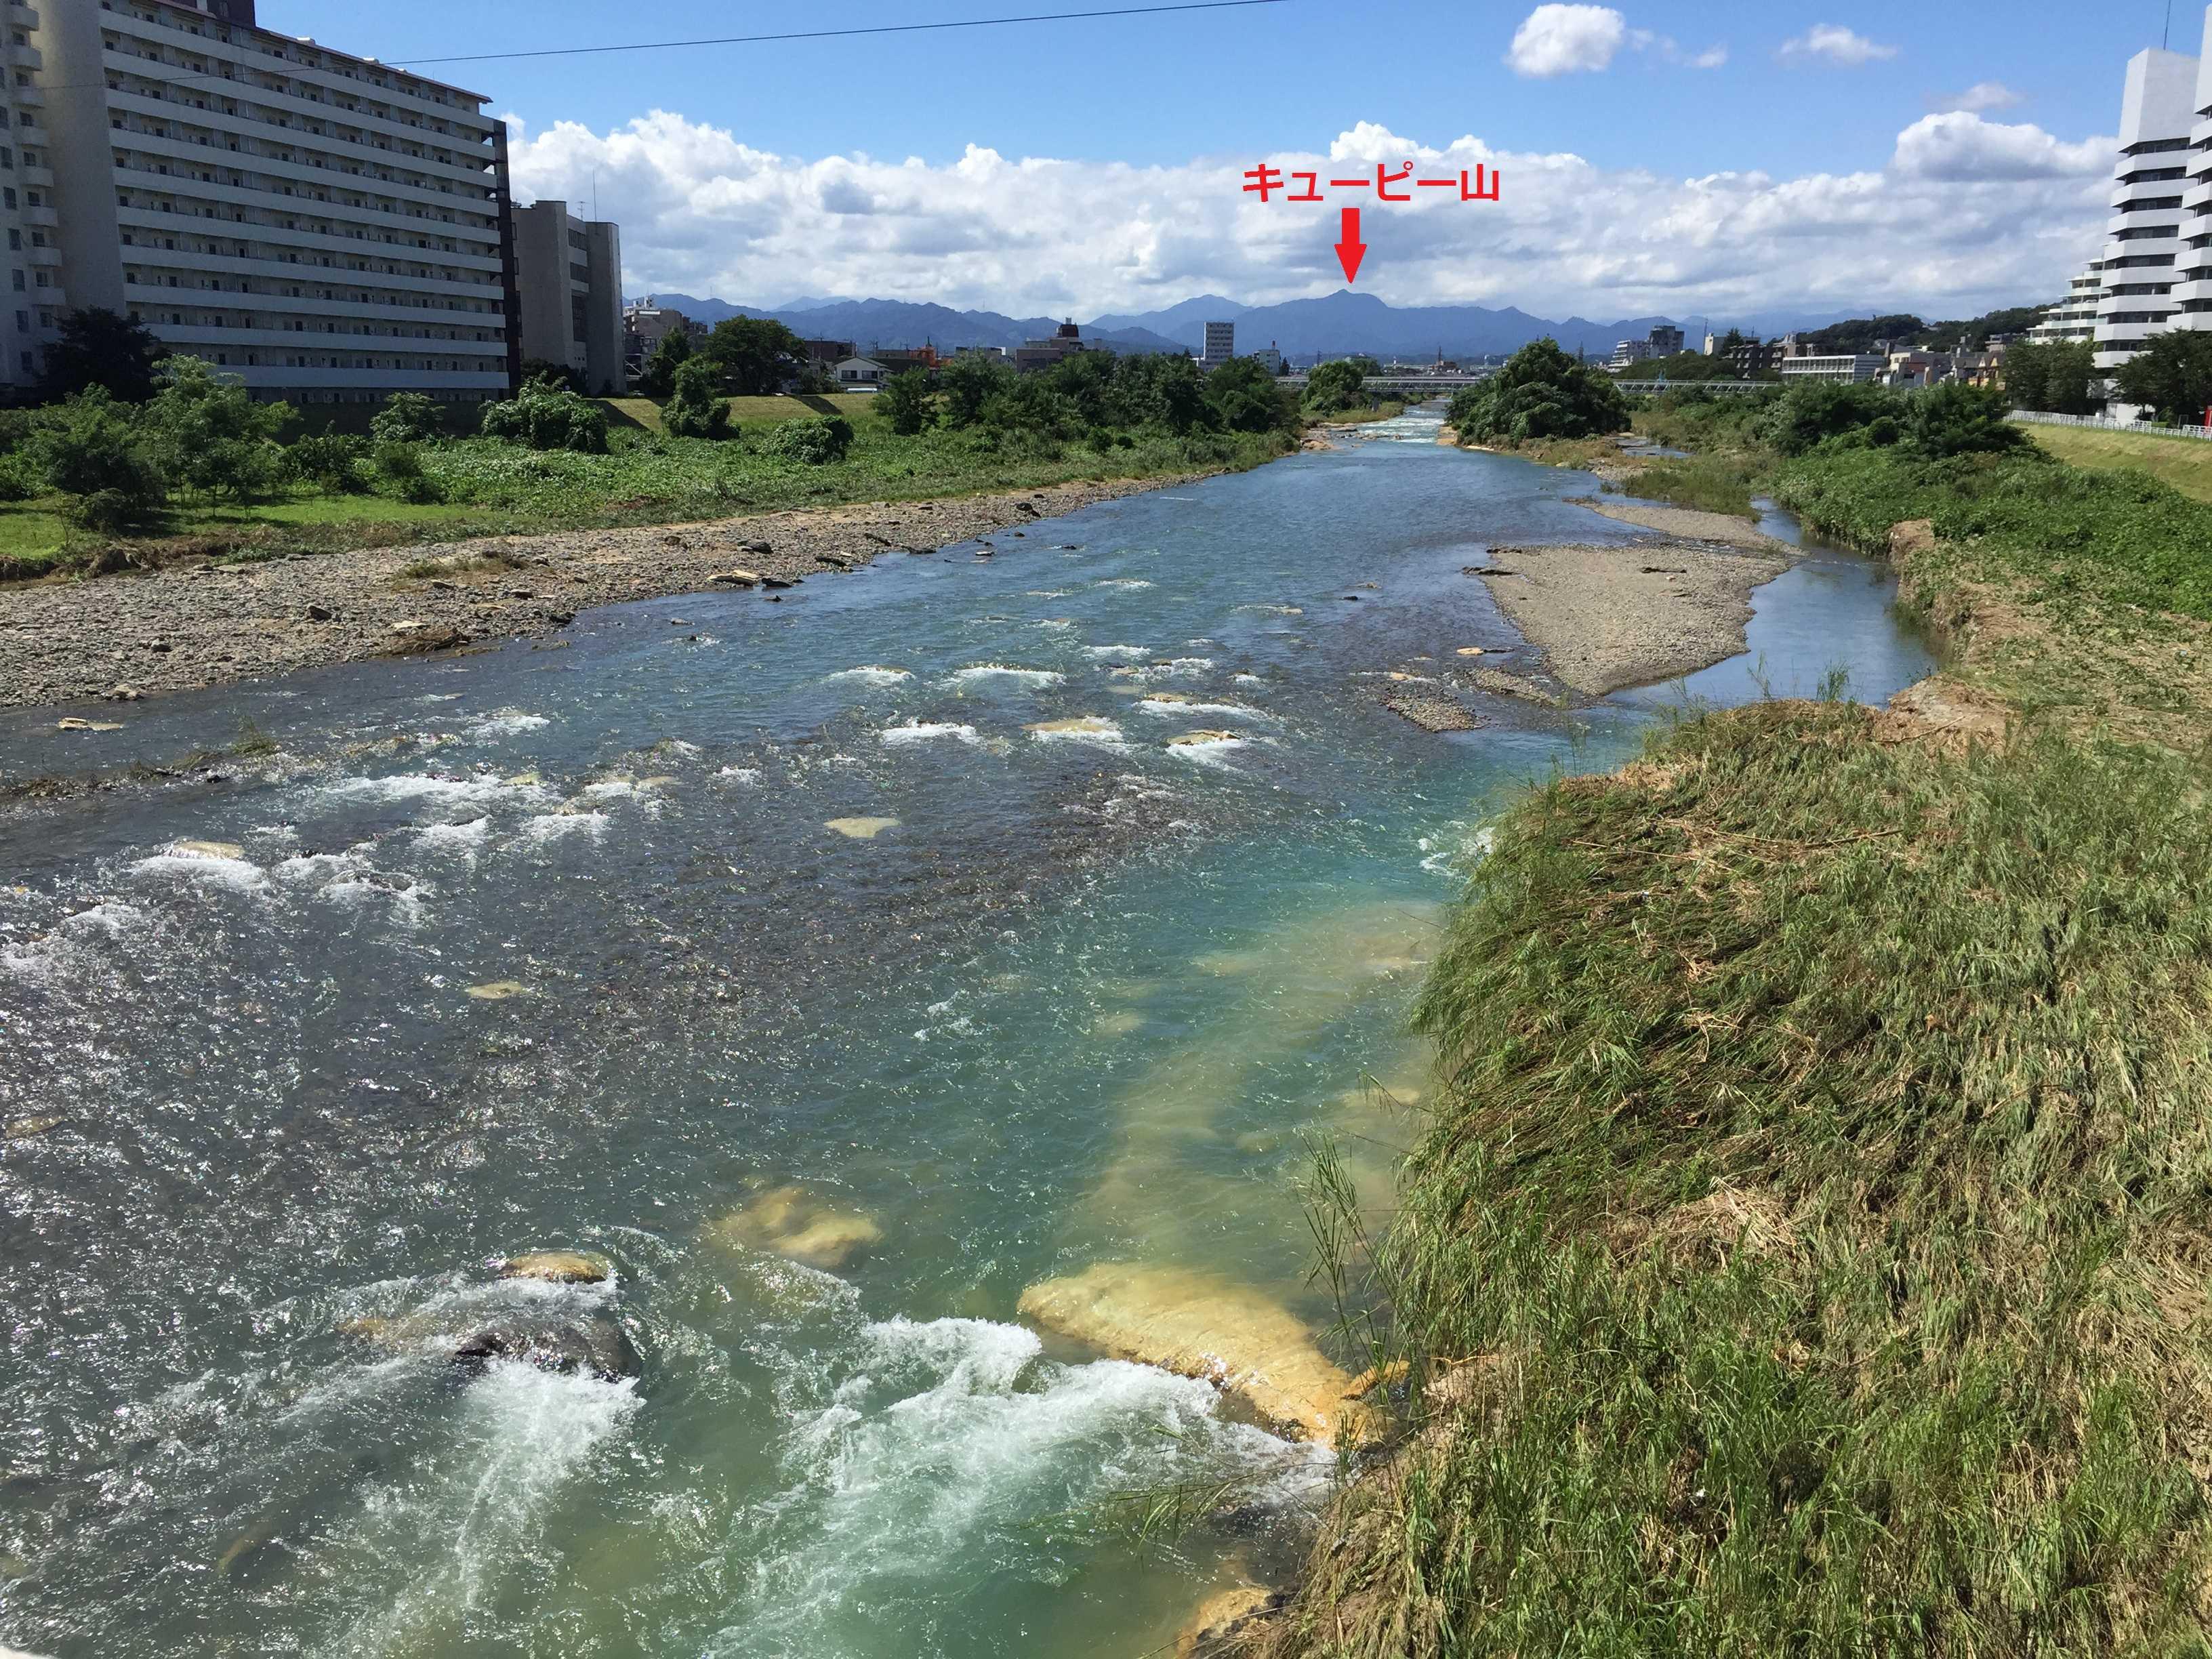 浅川から見えるキューピー山(大岳山)